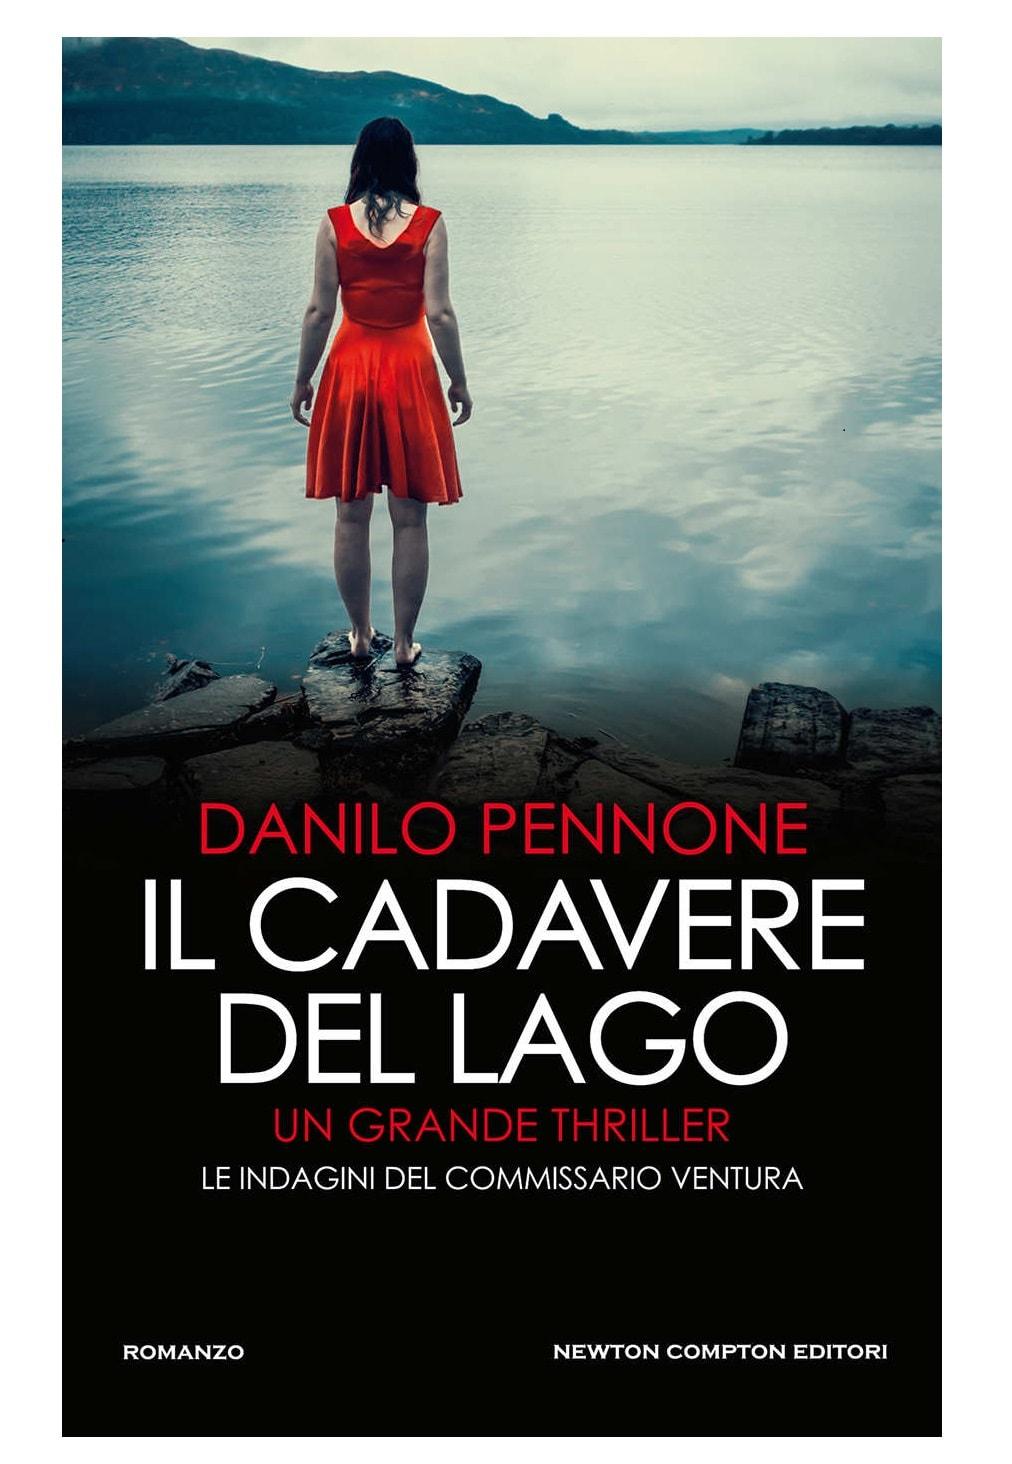 thriller il cadavere del lago - danilo pennone - edizione newton compton